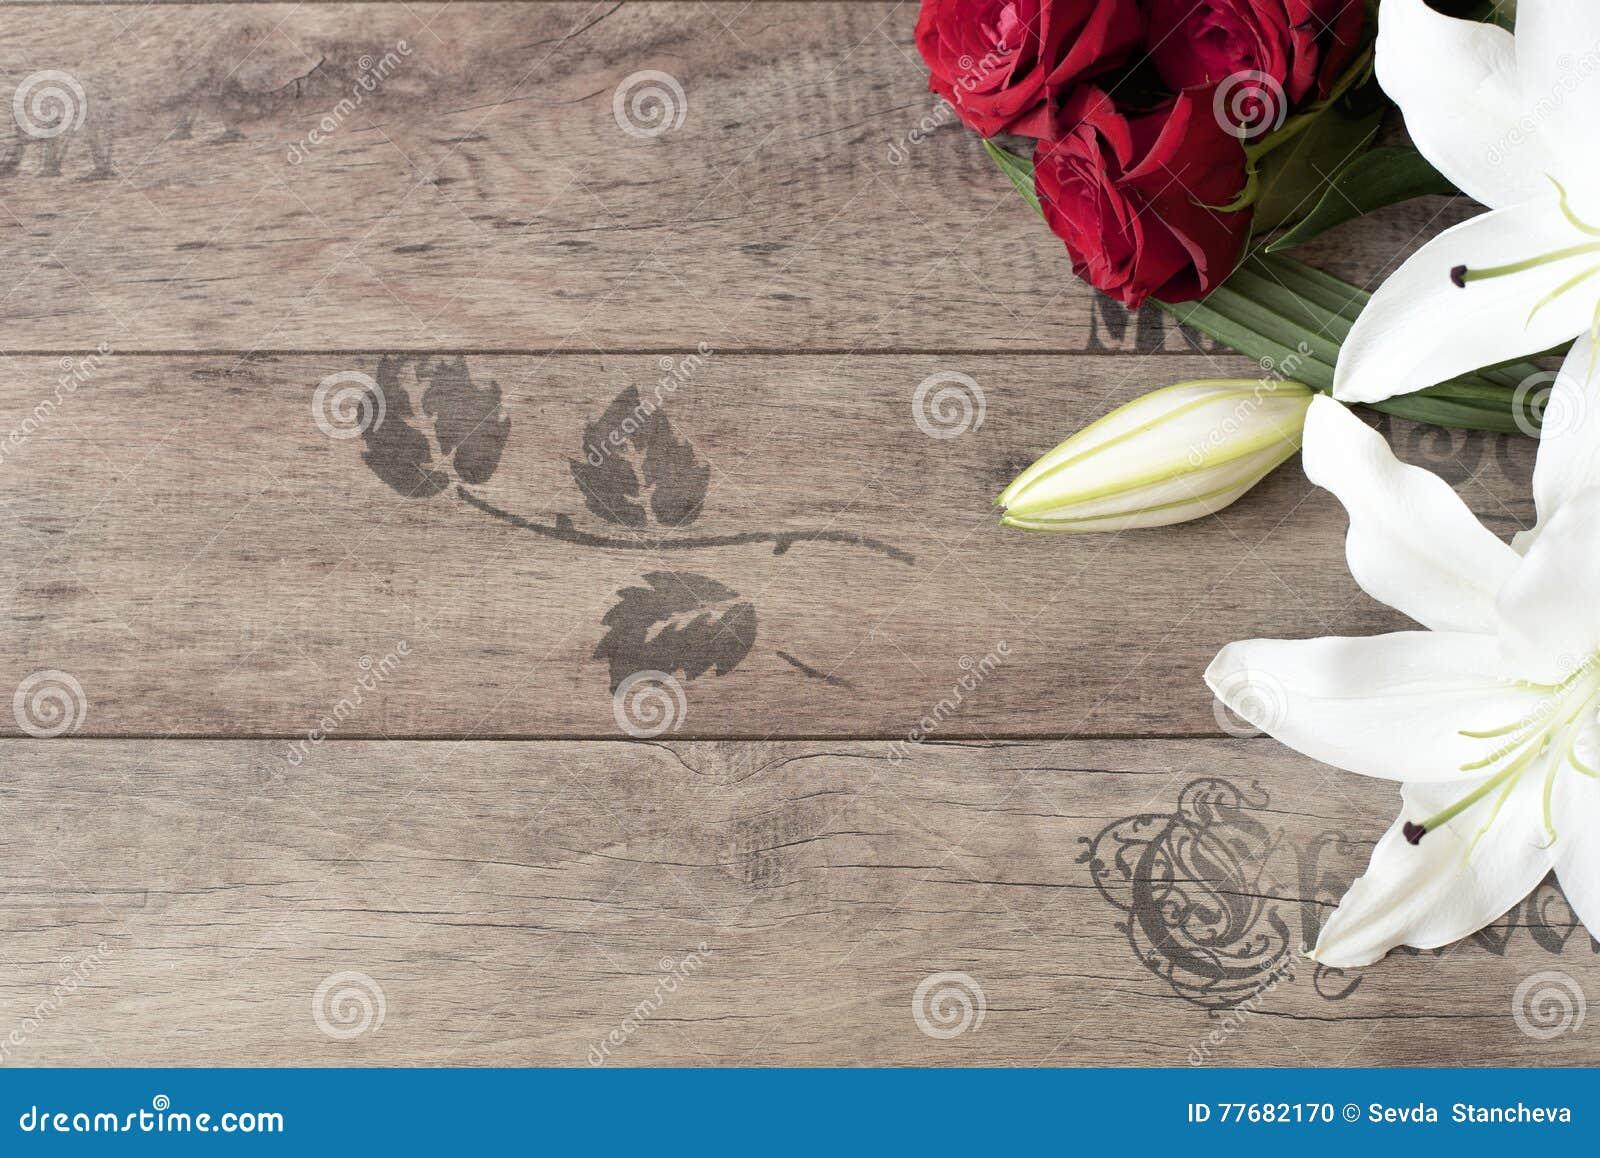 blumenrahmen mit wei en lilien der bet ubung und roten rosen auf h lzernem hintergrund kopieren. Black Bedroom Furniture Sets. Home Design Ideas